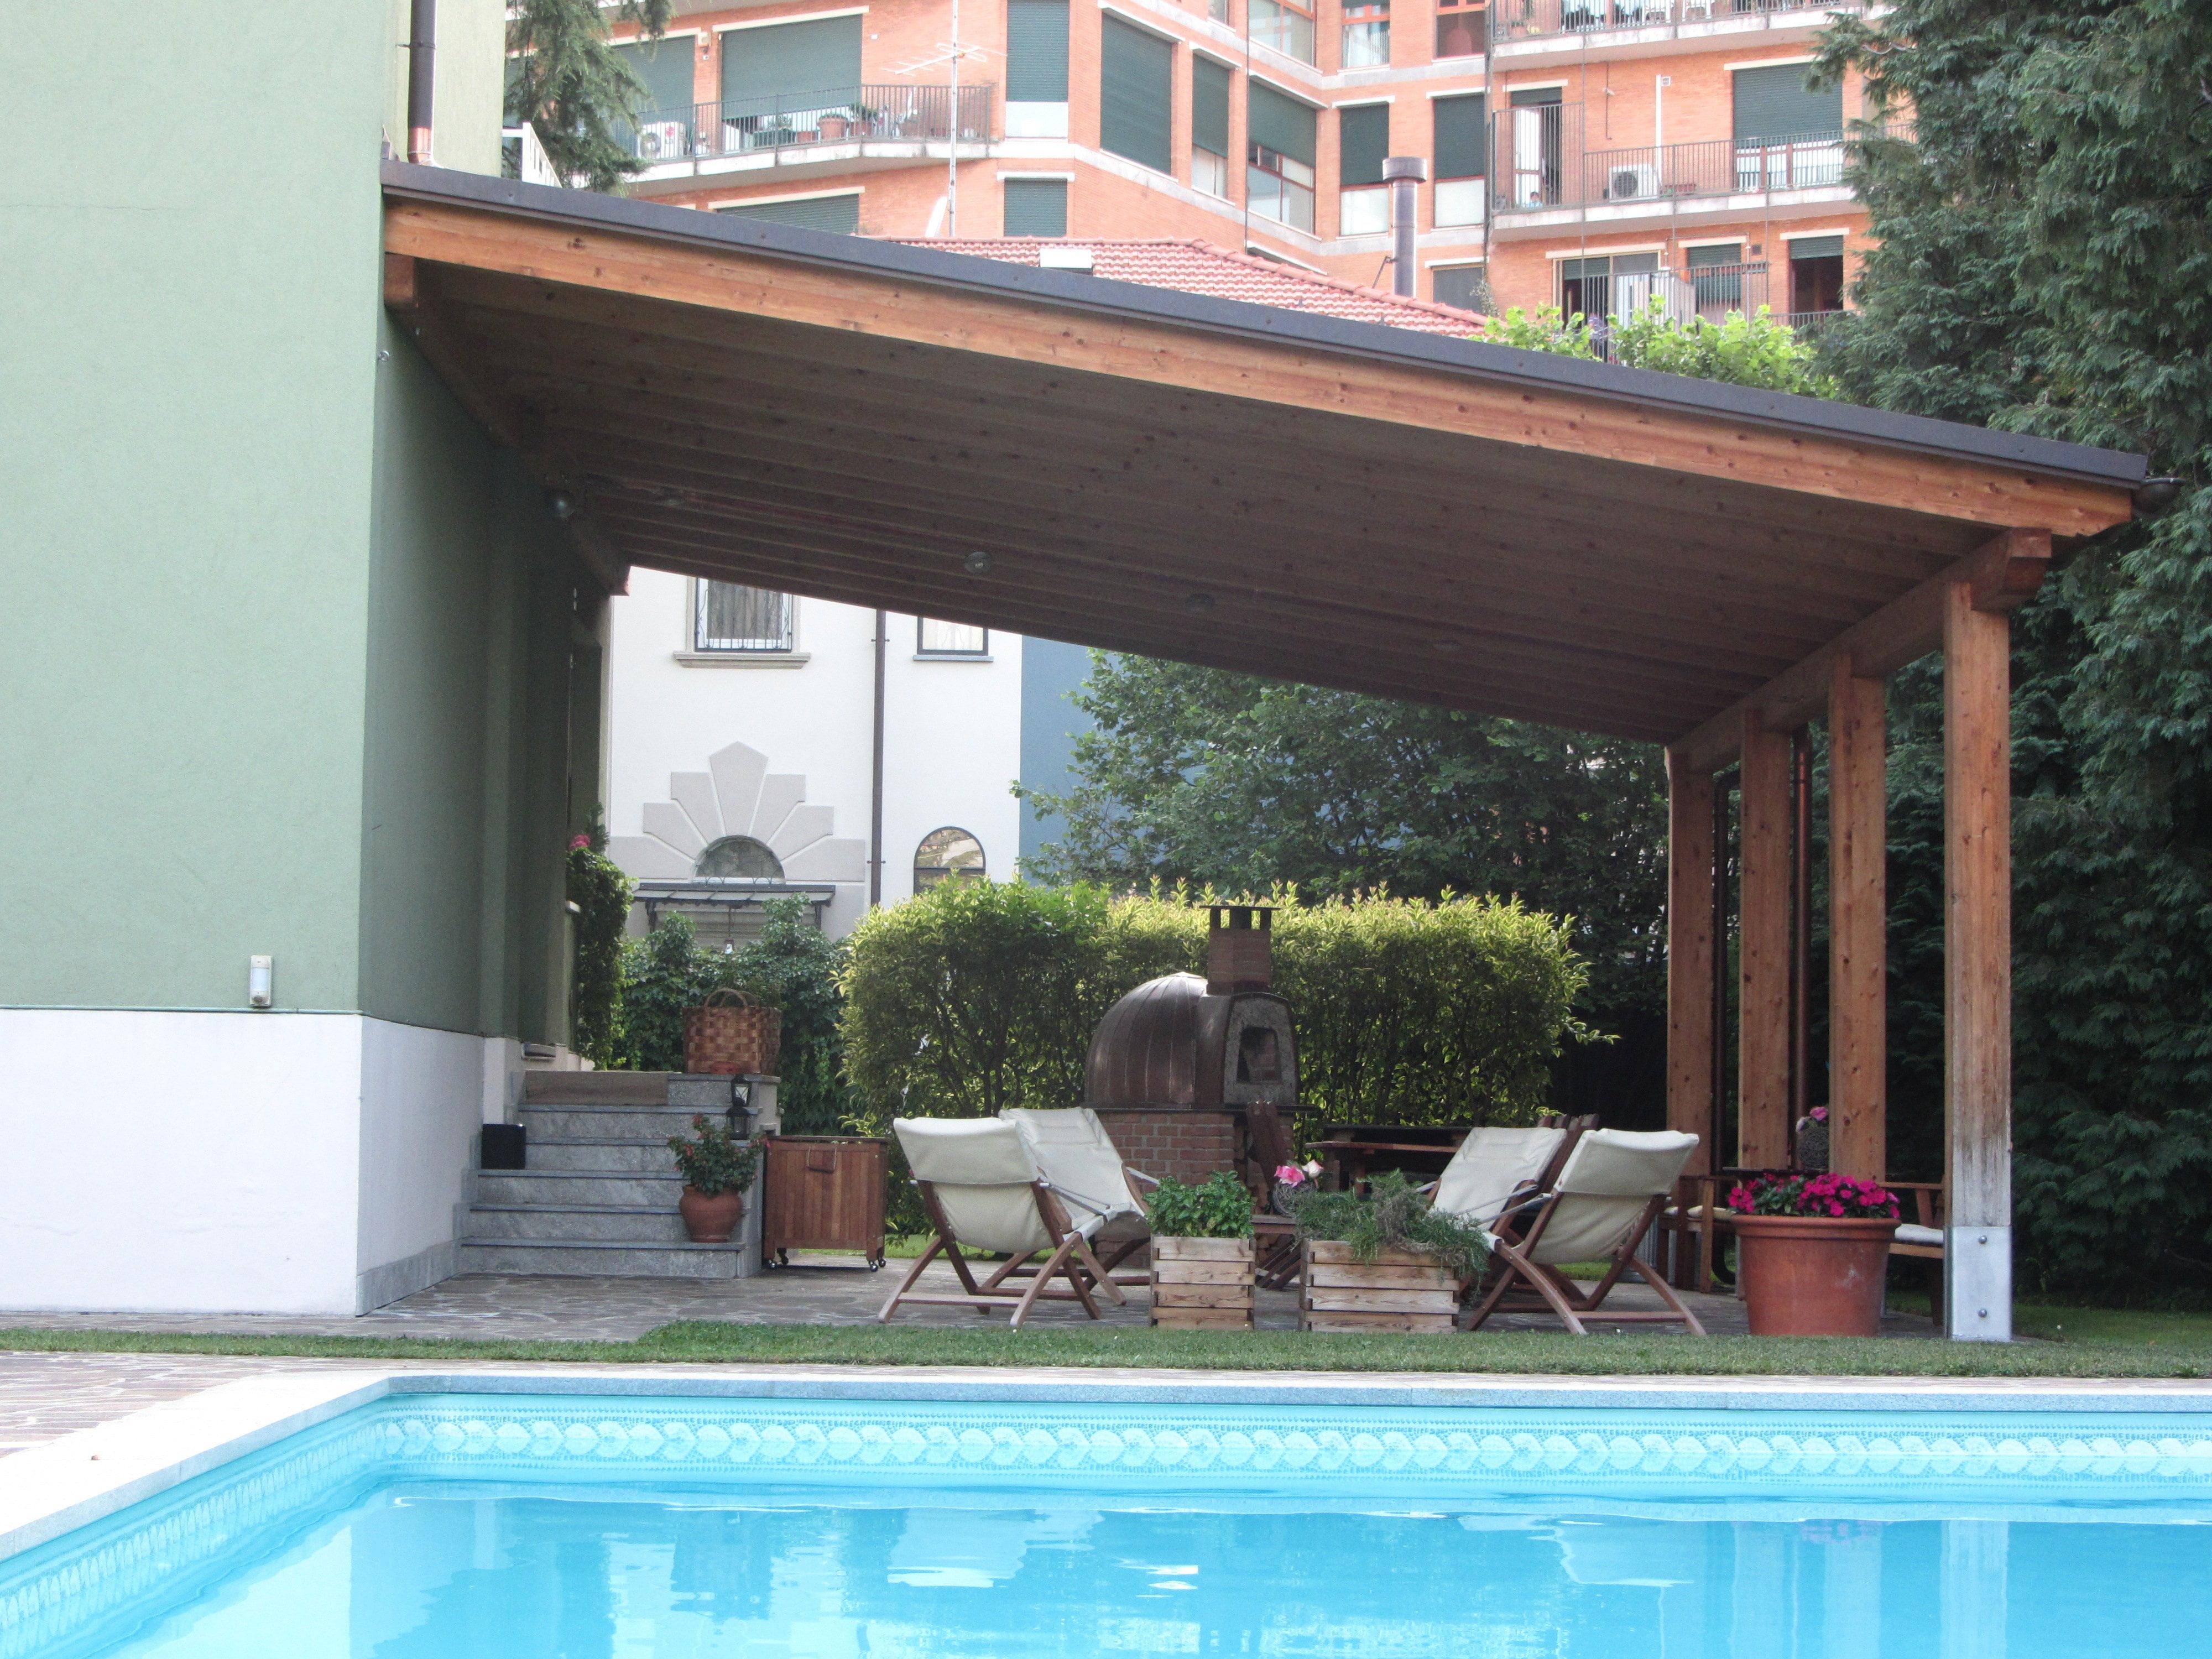 1 tettoia legno lamellare completa di lattoneria - perego (lecco